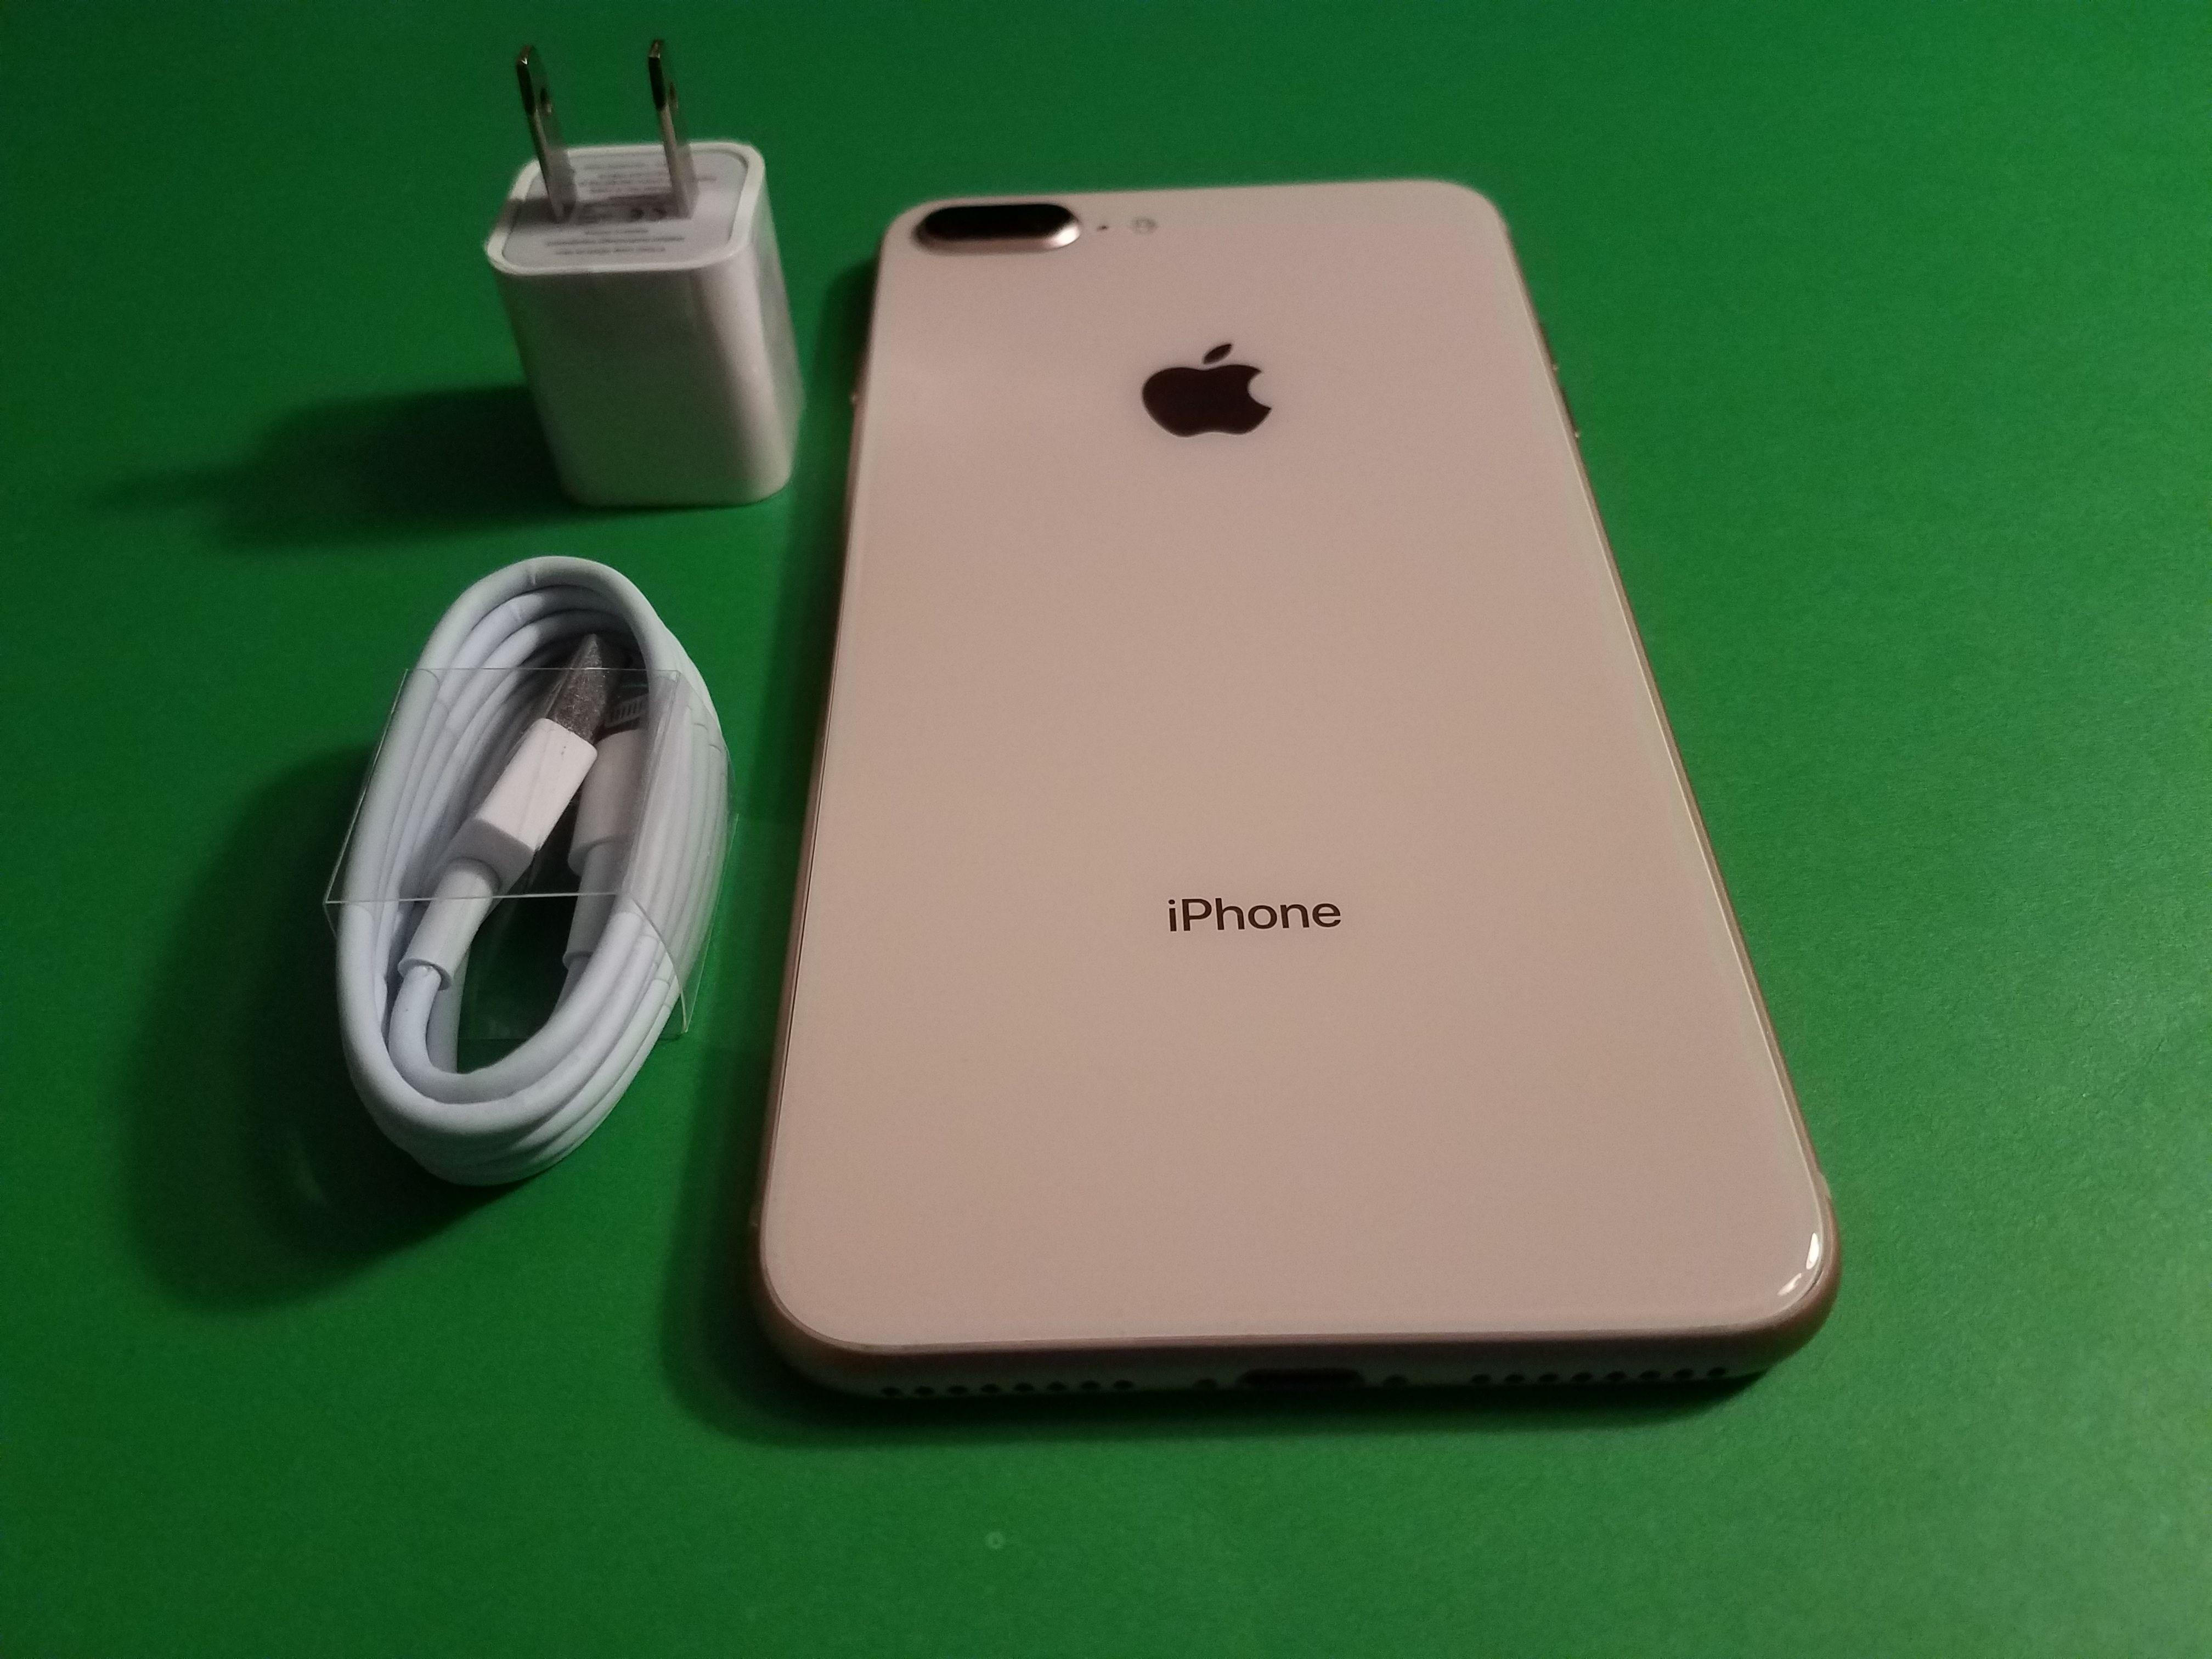 Iphone 8 Plus Verizon Unlocked Gold Iphone Apple Iphone Accessories Iphone 8 Plus